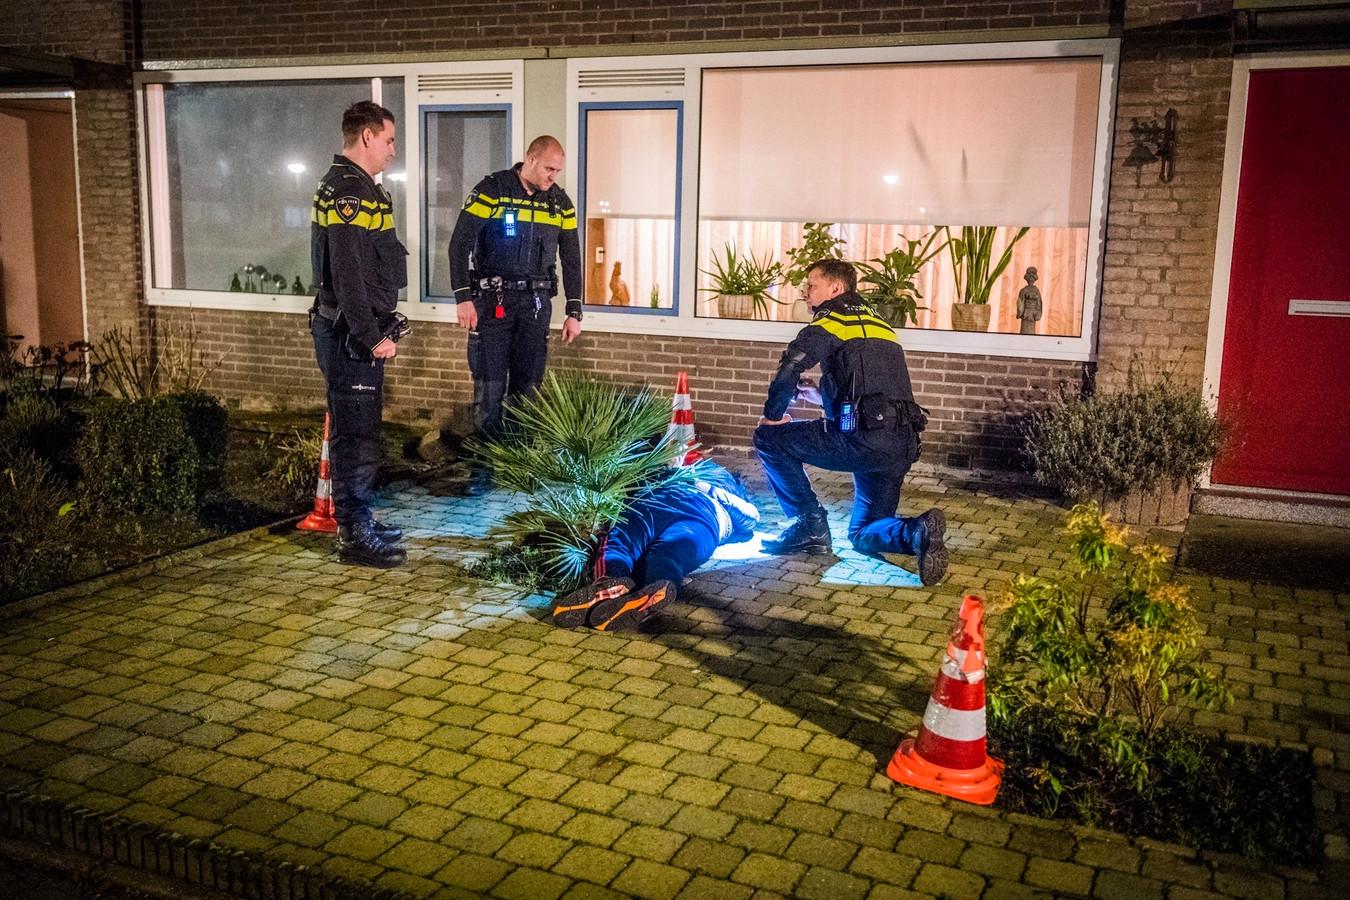 De overvaller wordt ingerekend in een voortuin in Eindhoven.